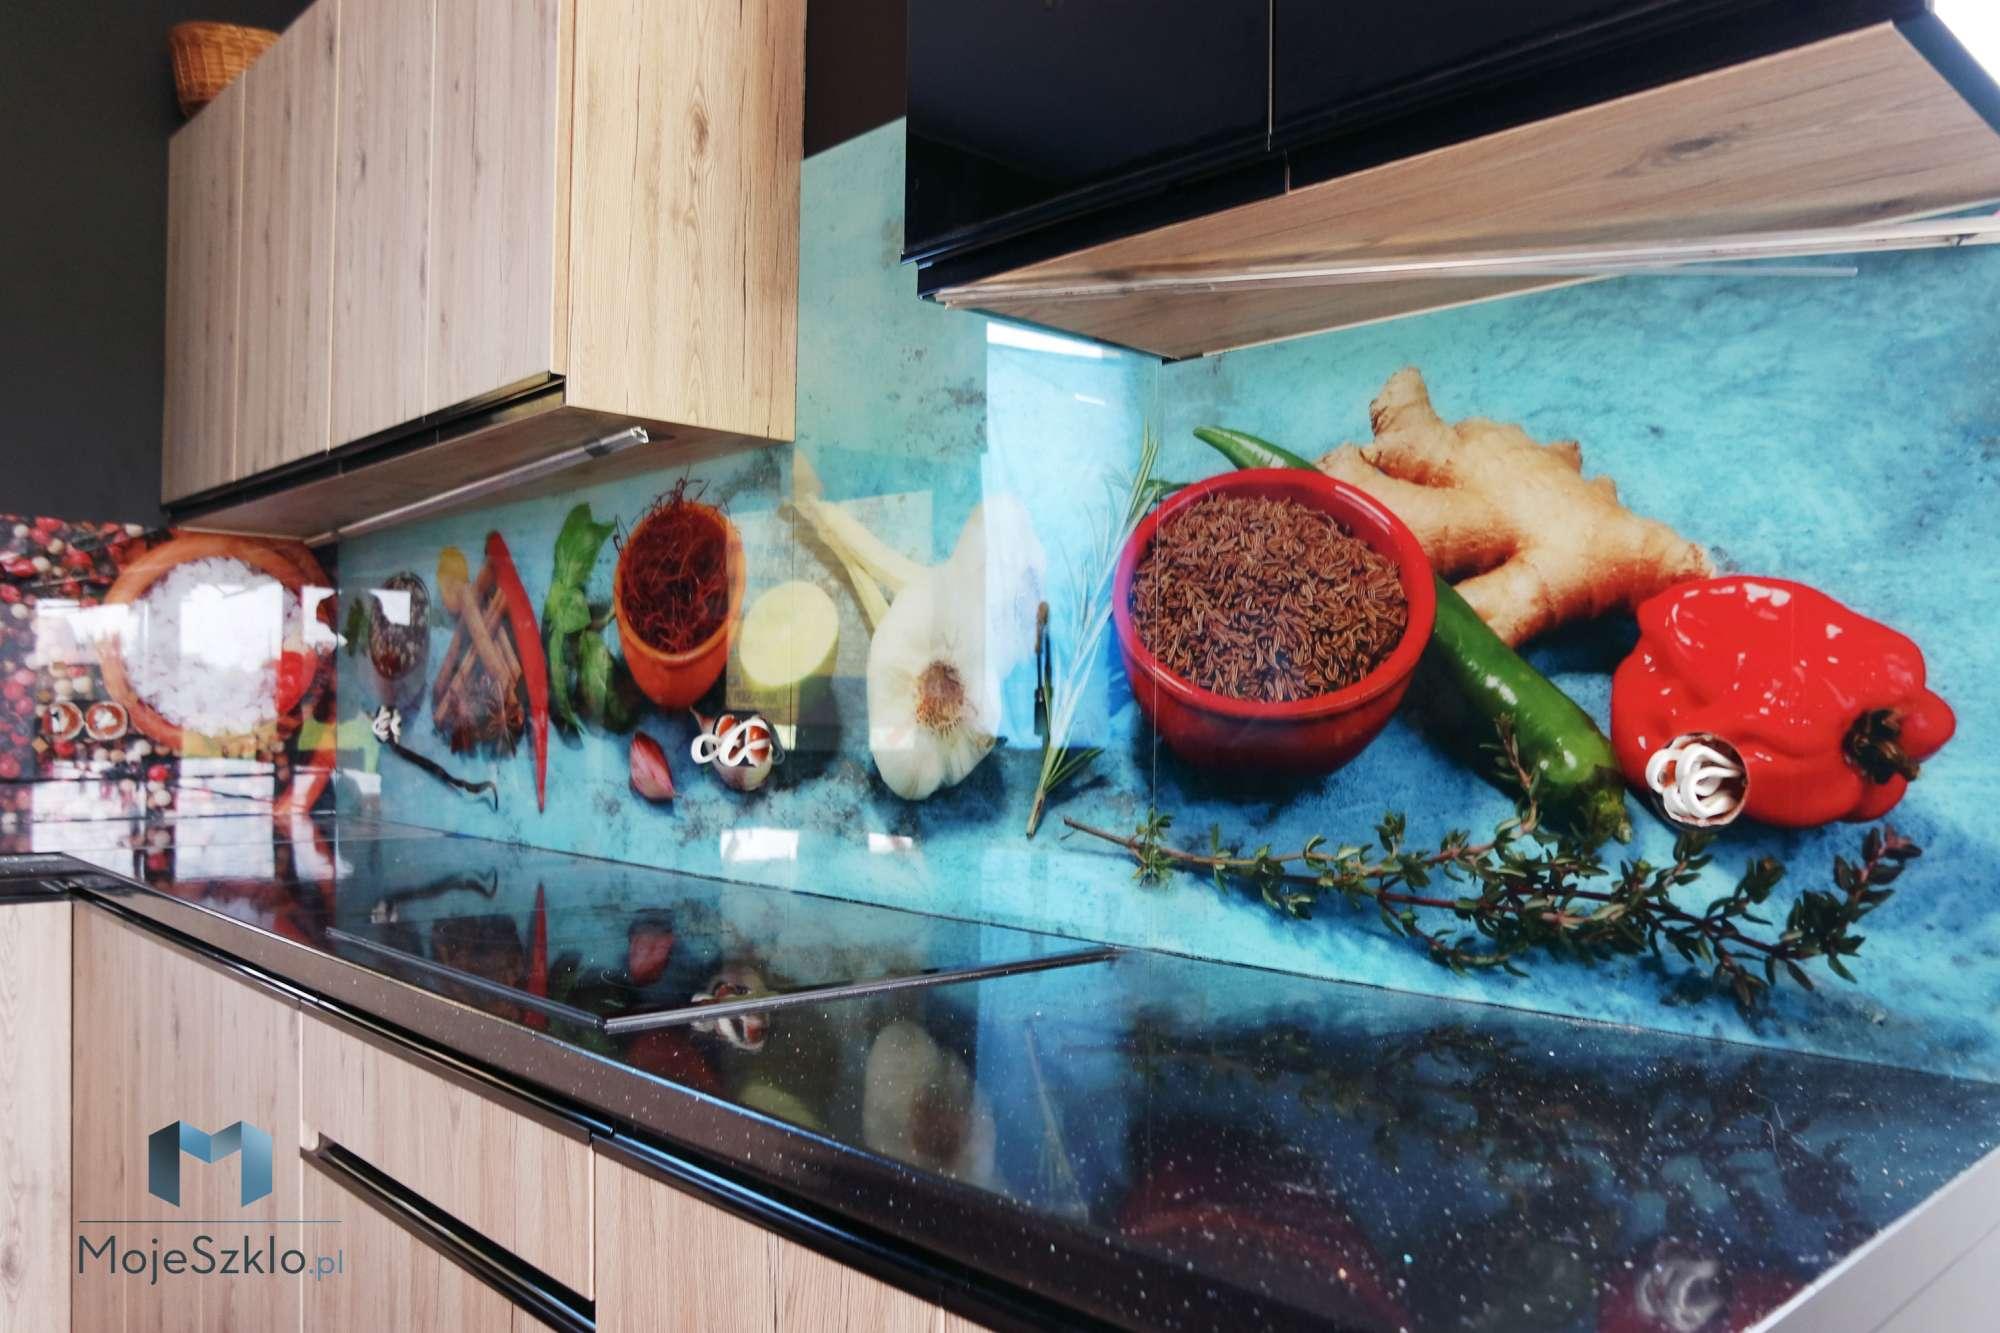 Lacobel Wzory Przyprawy - Panel szklany plaża, krajobraz morski